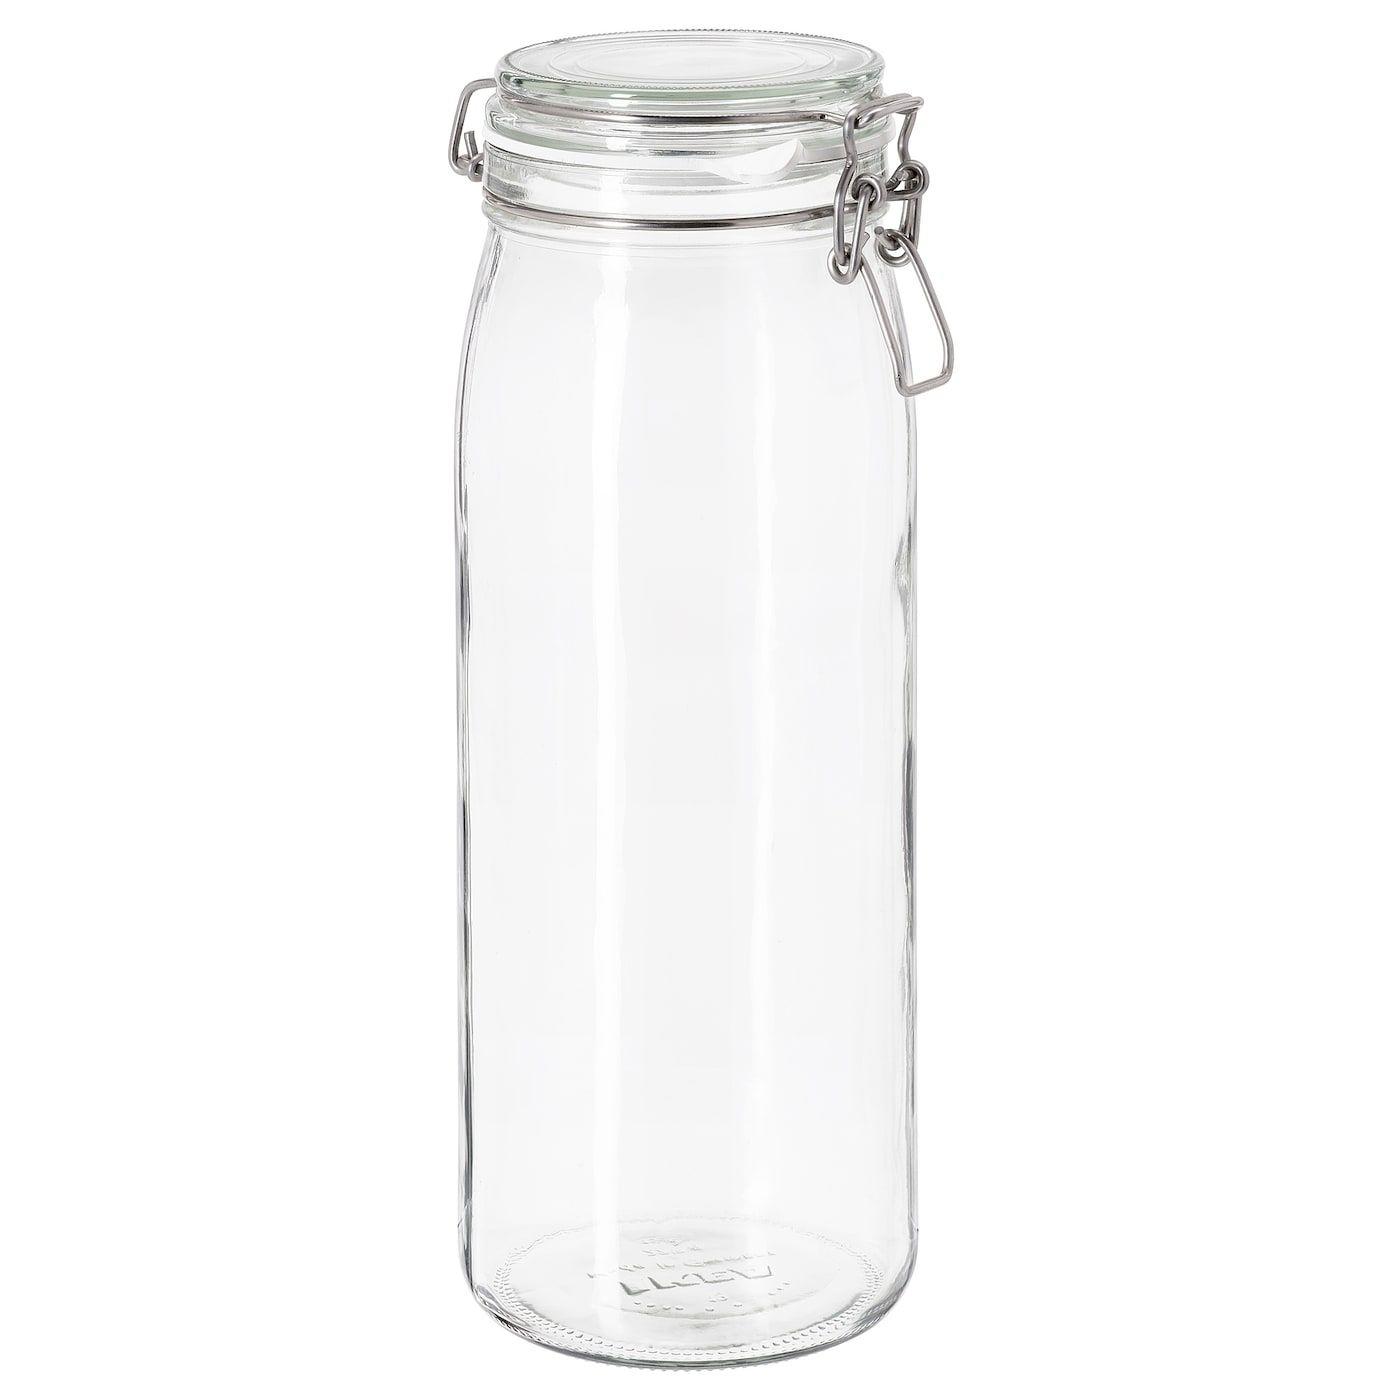 Ikea Korken Clear Glass Jar With Lid In 2020 Food Storage